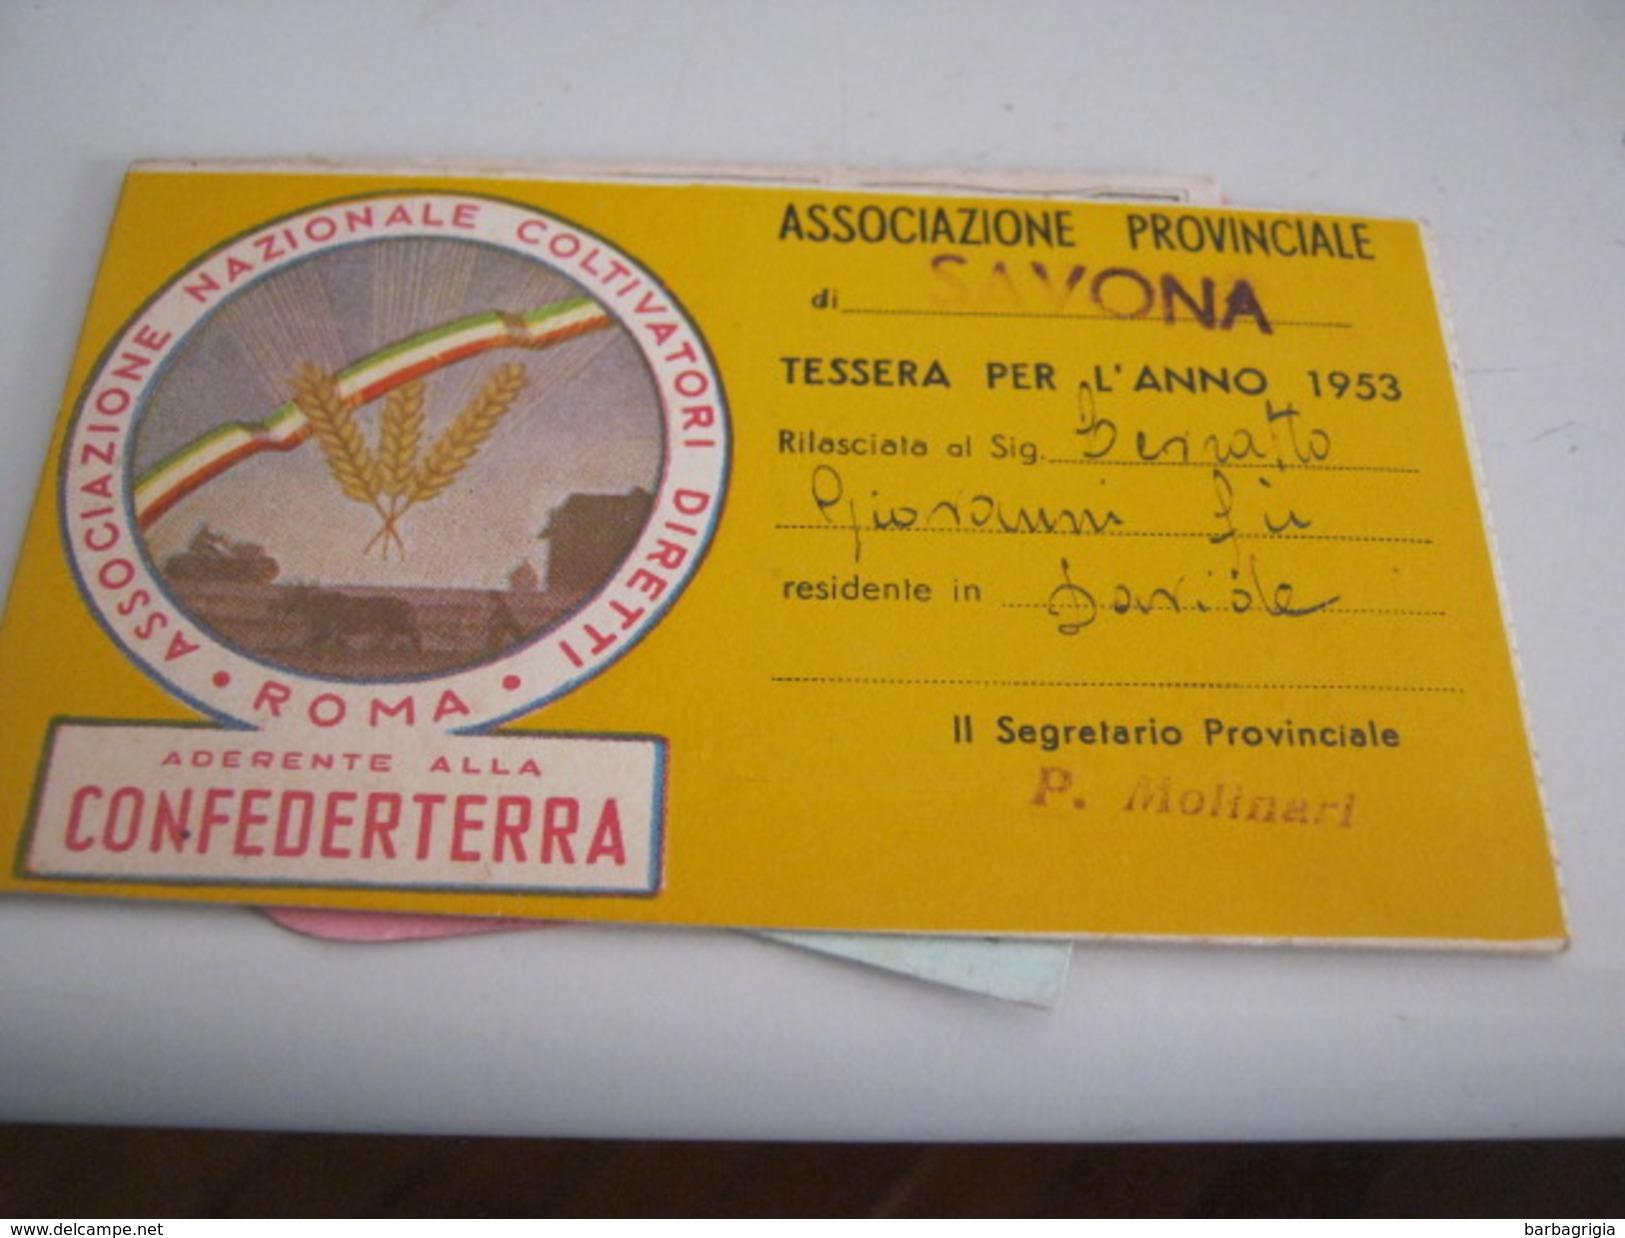 TESSERA ASSOCIAZIONE PROVINCIALE DI SAVONA 1953 - Documenti Storici